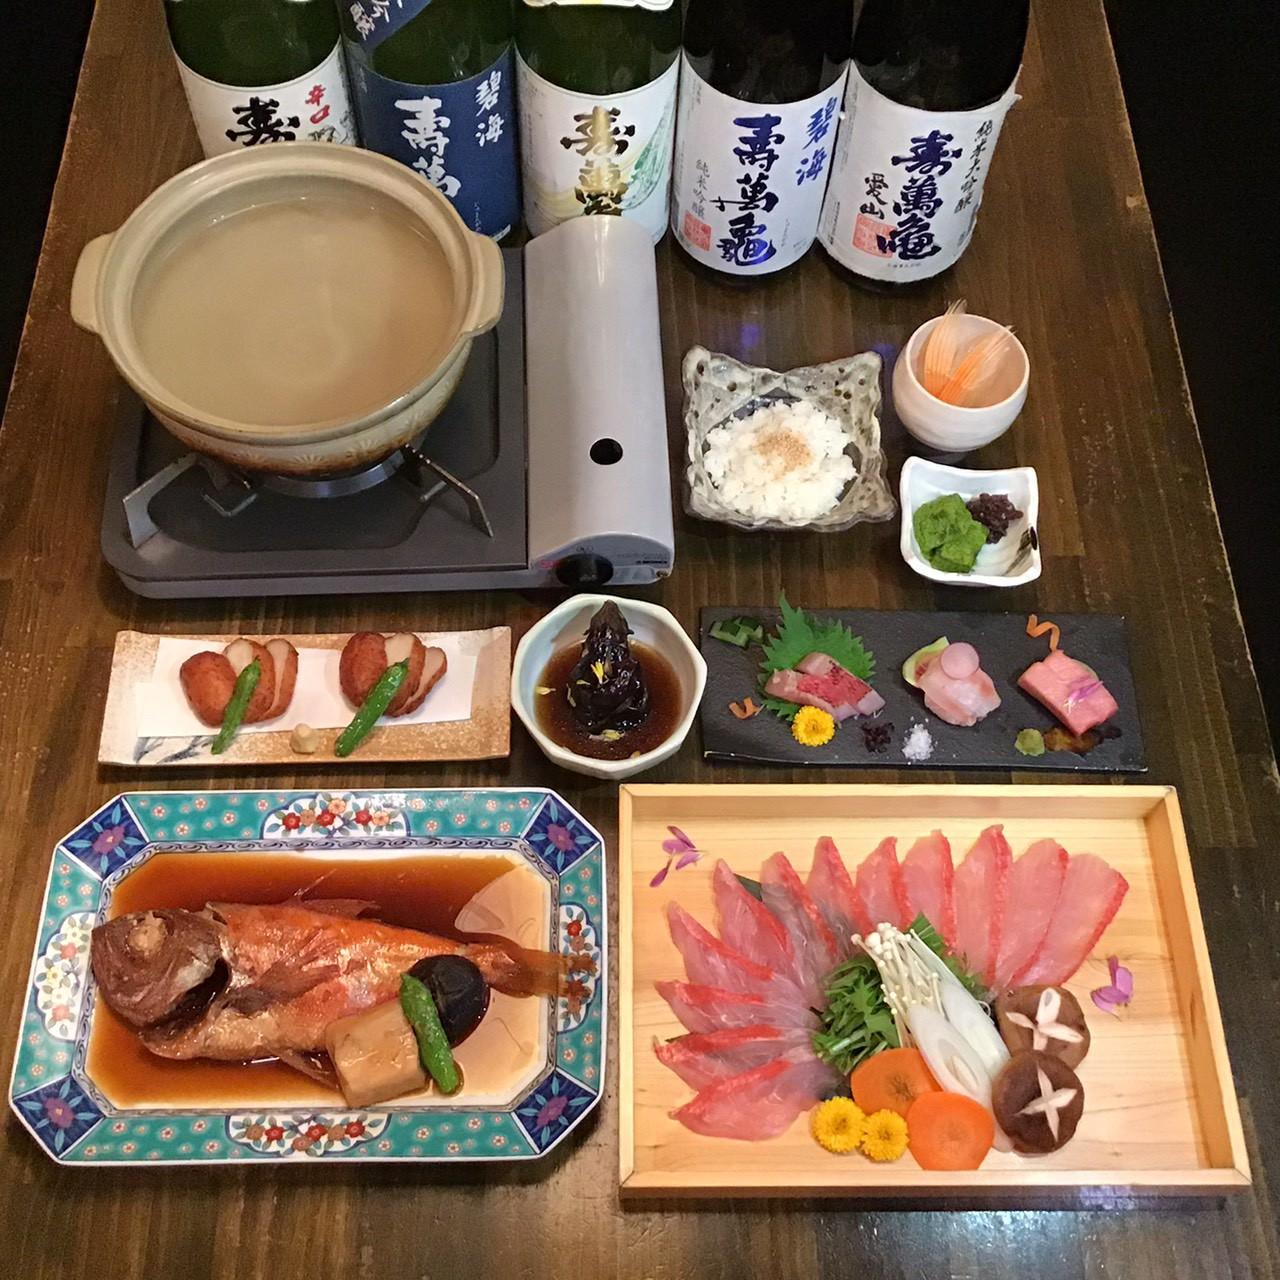 金目鯛料理が豊富に楽しめる新宿三丁目駅近くの居酒屋・ぞんぶん